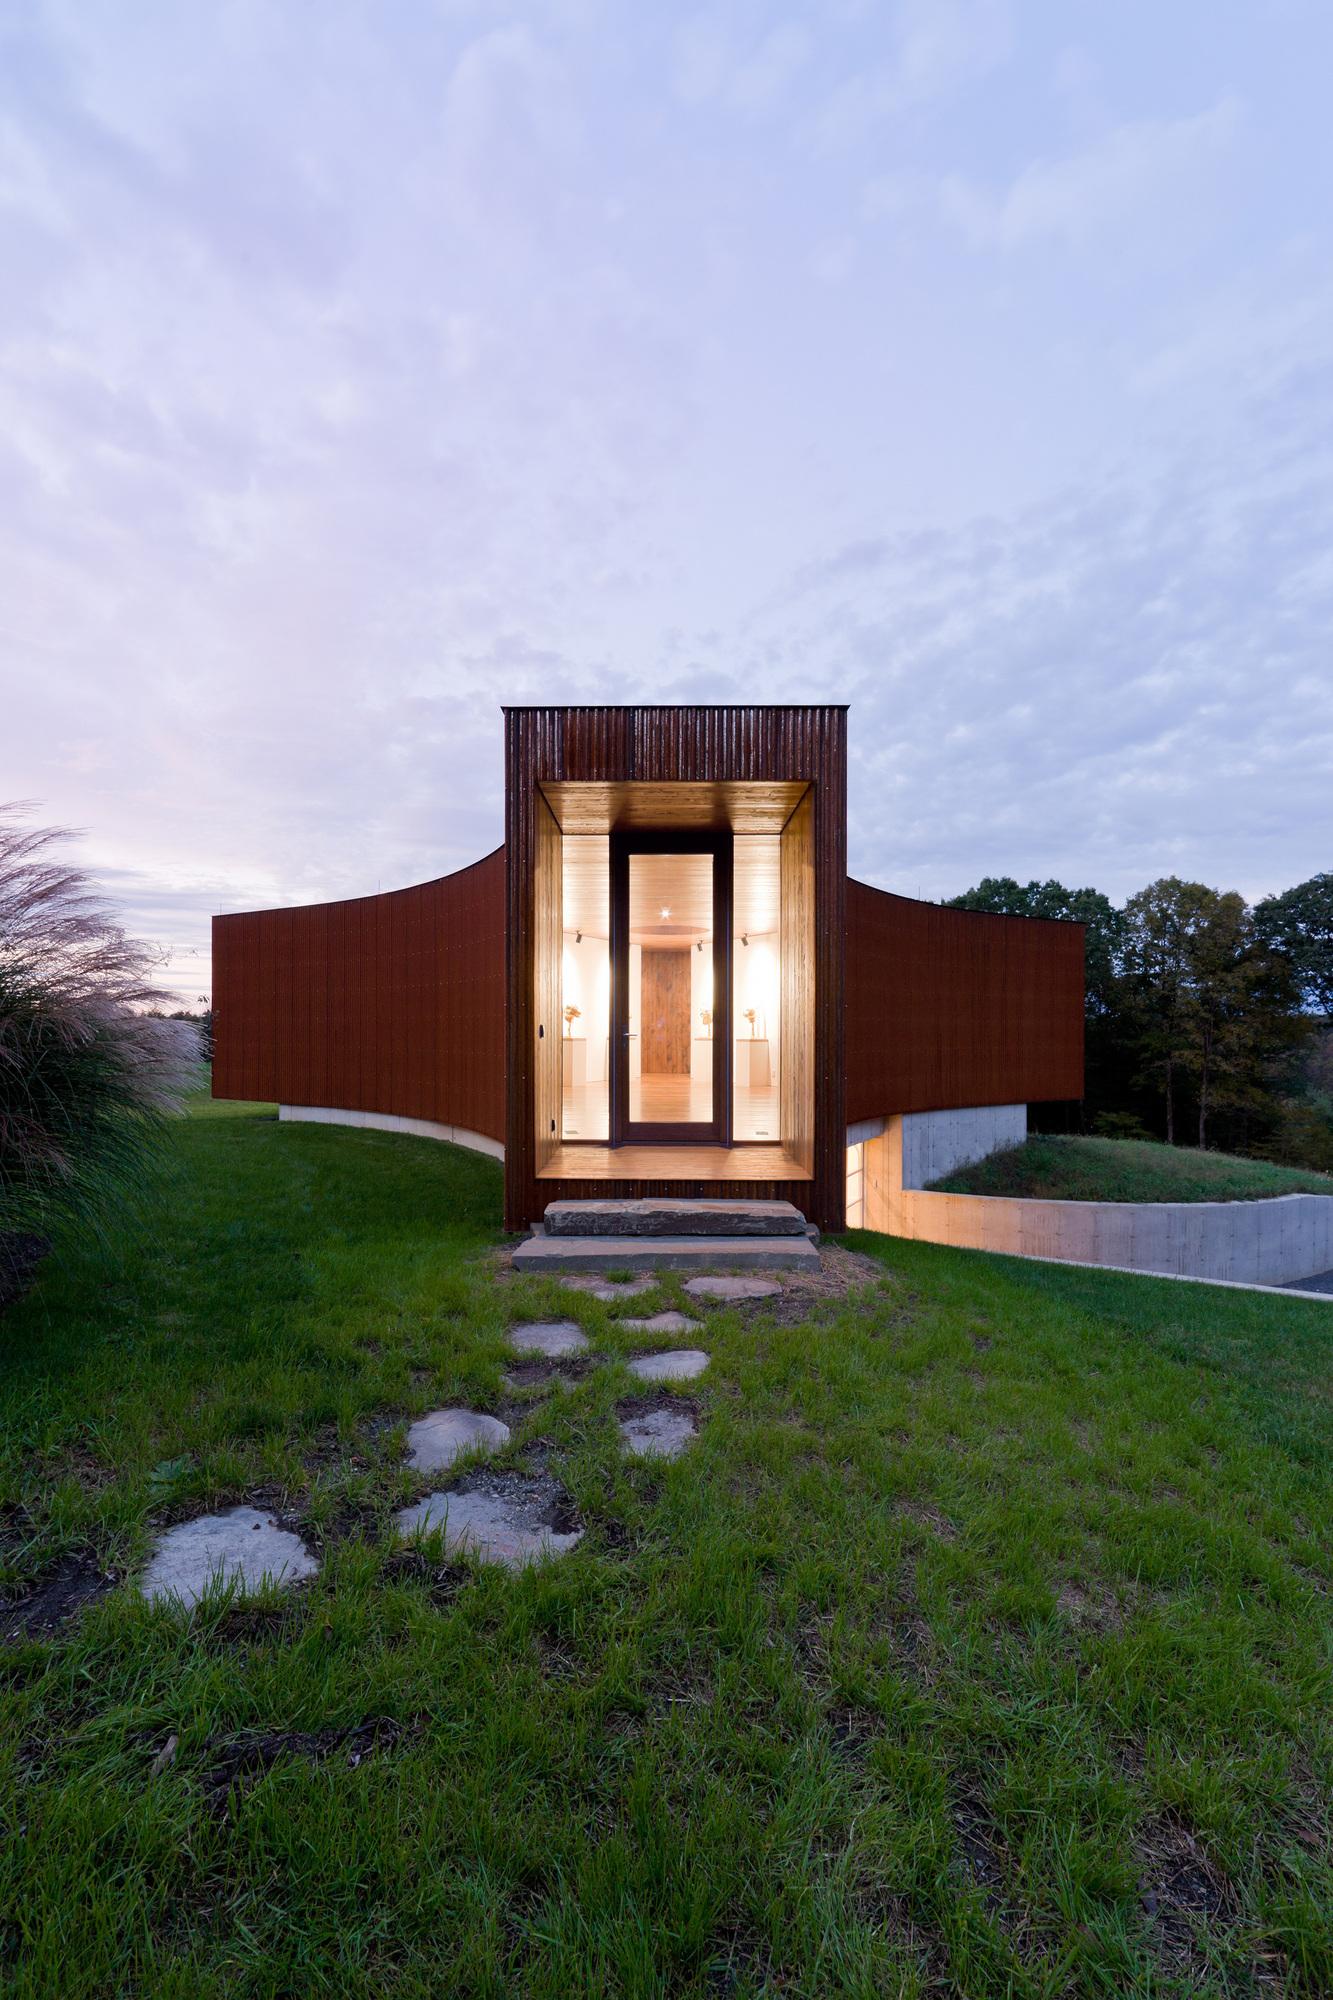 Casa de Hóspedes / HHF architects + Ai Weiwei, © Iwan Baan